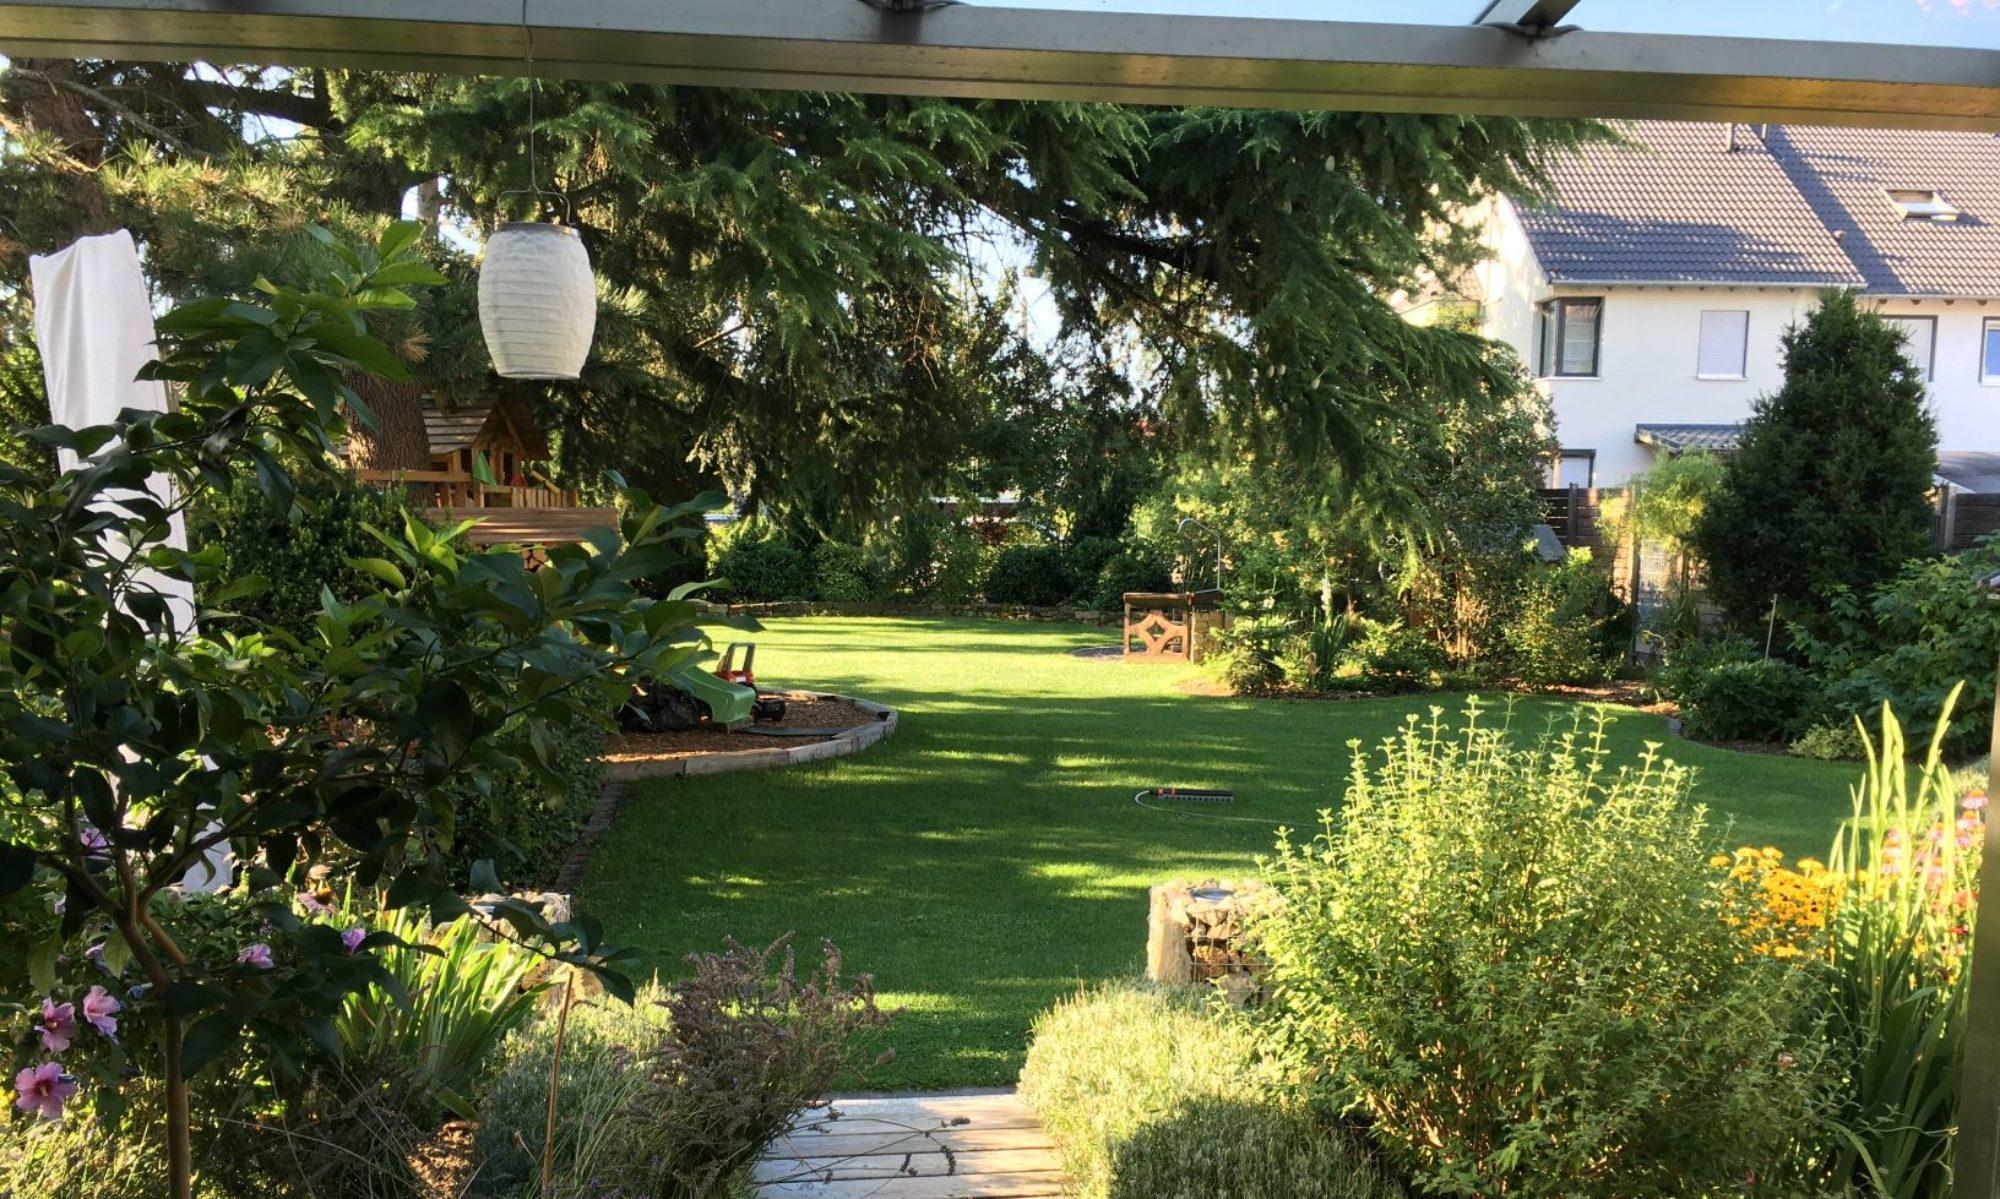 Papa's Garten